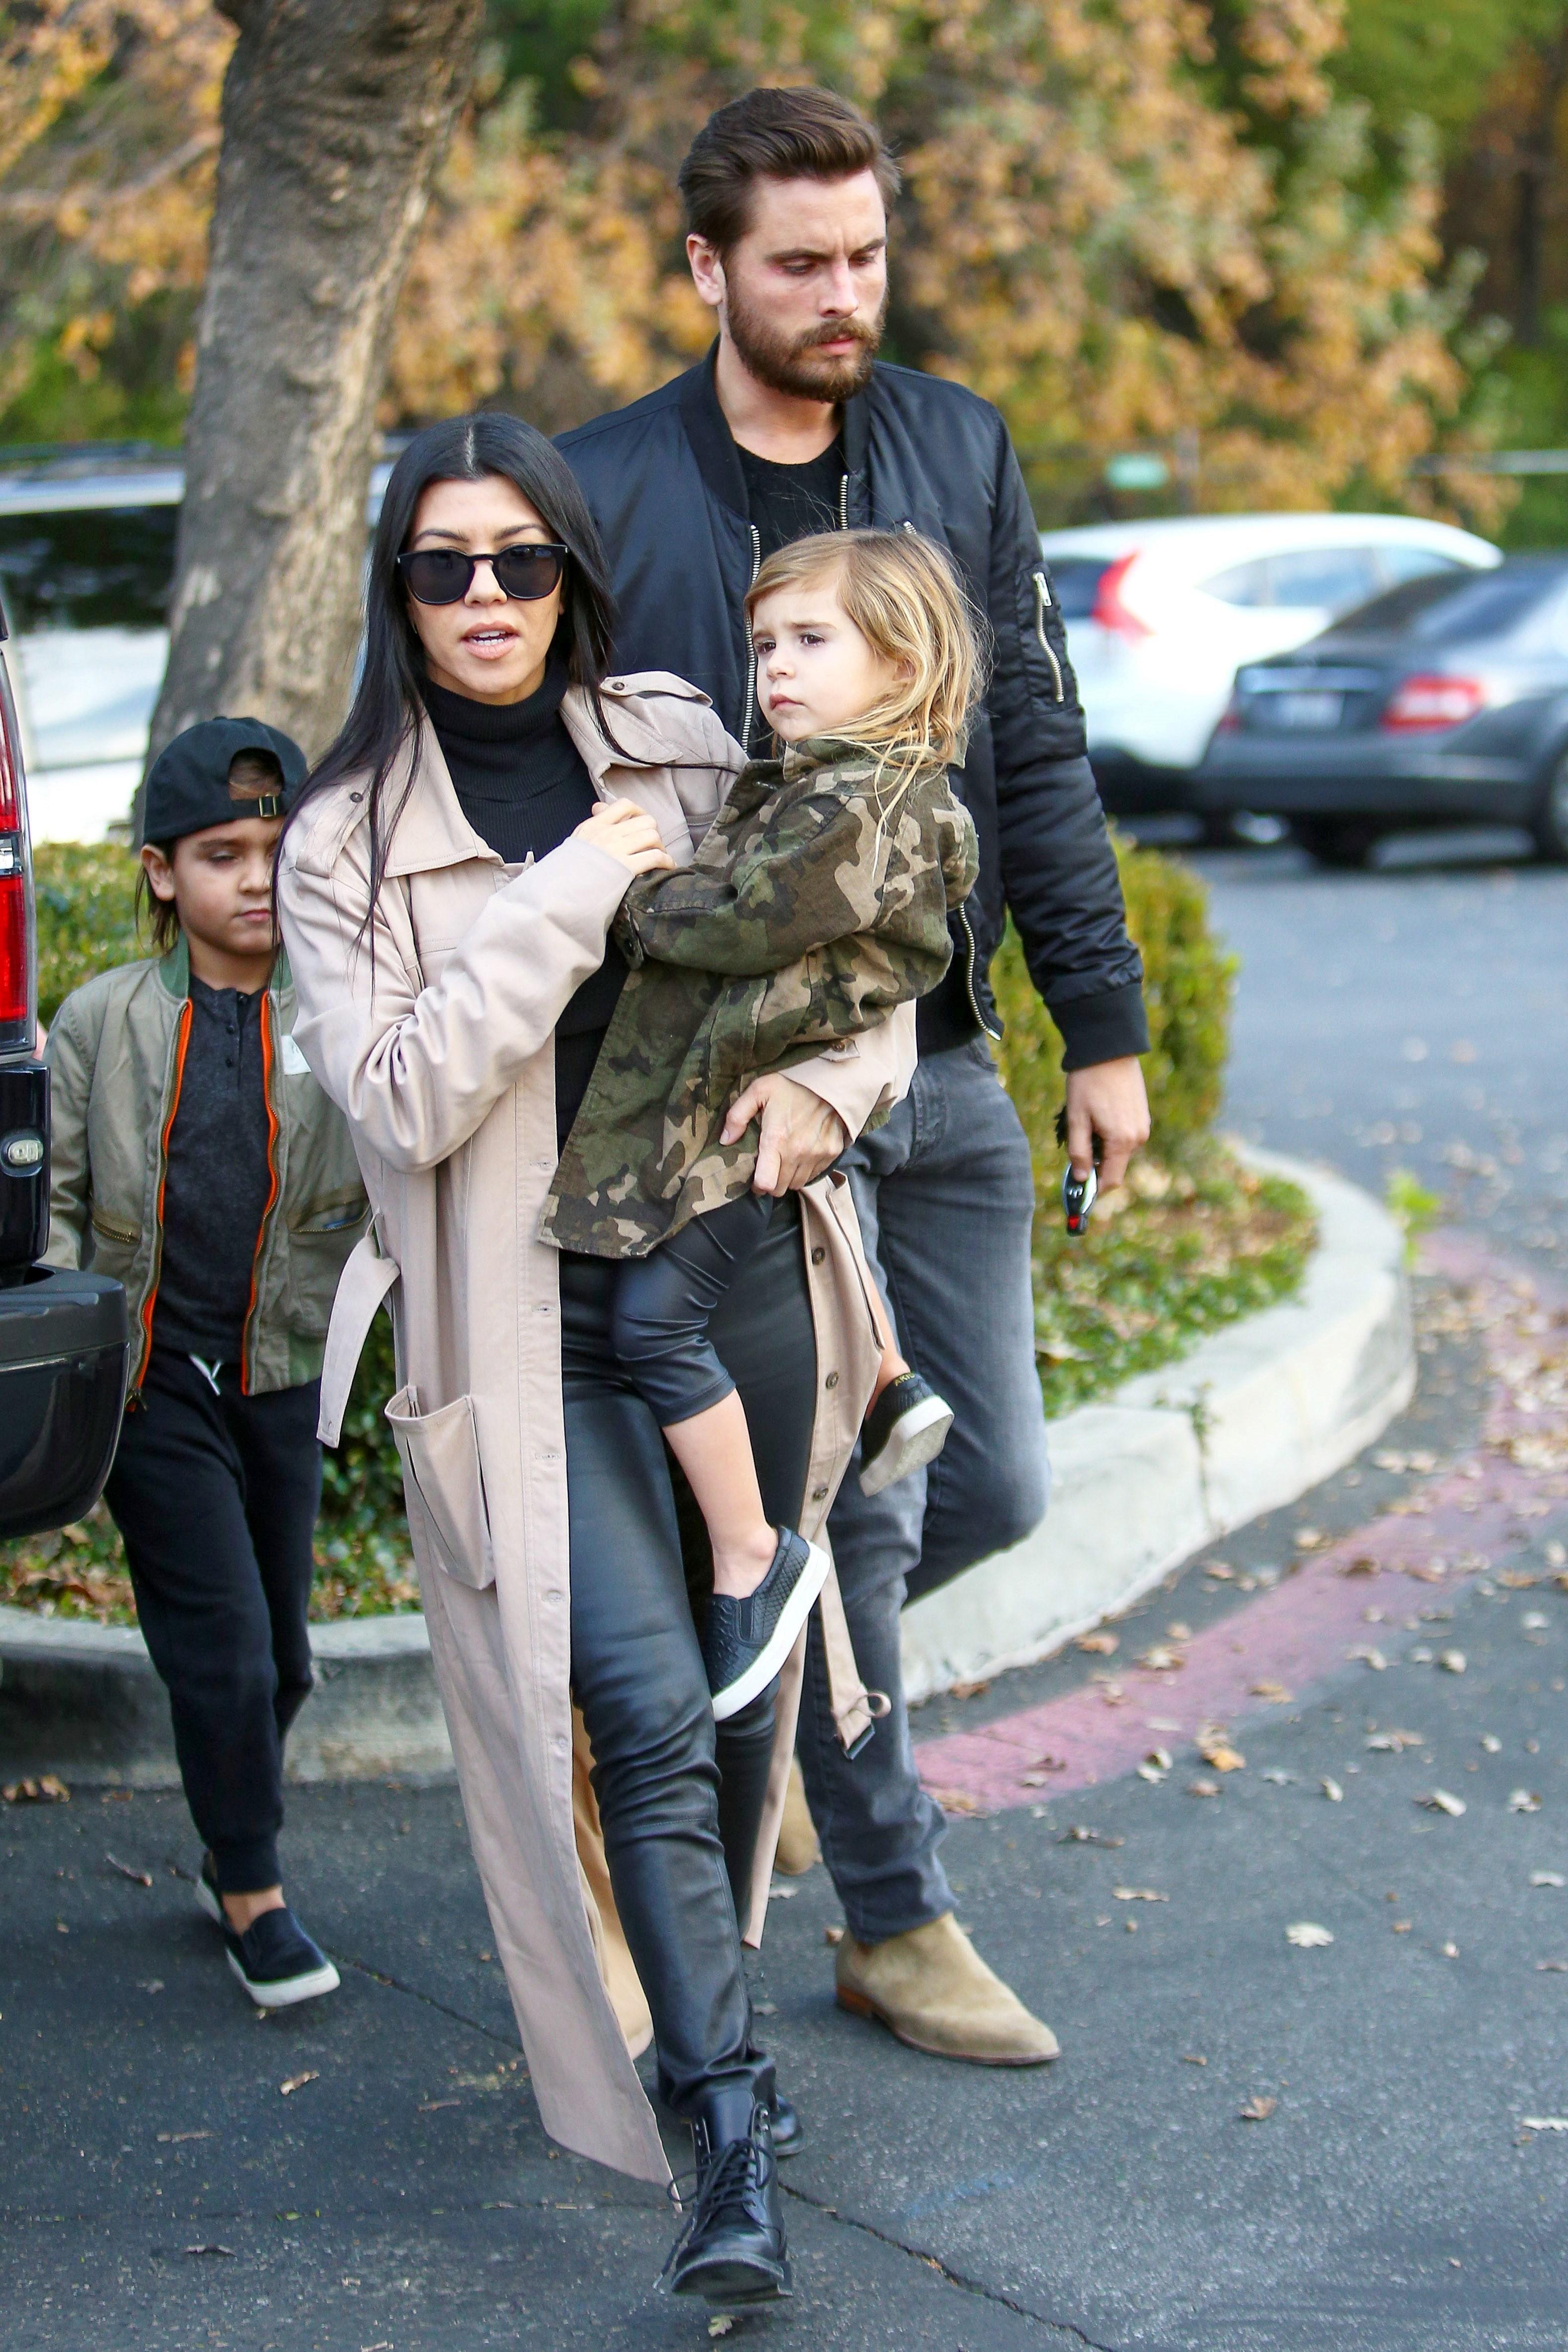 Kourtney Kardashian and Scott Disick look cozy while shopping